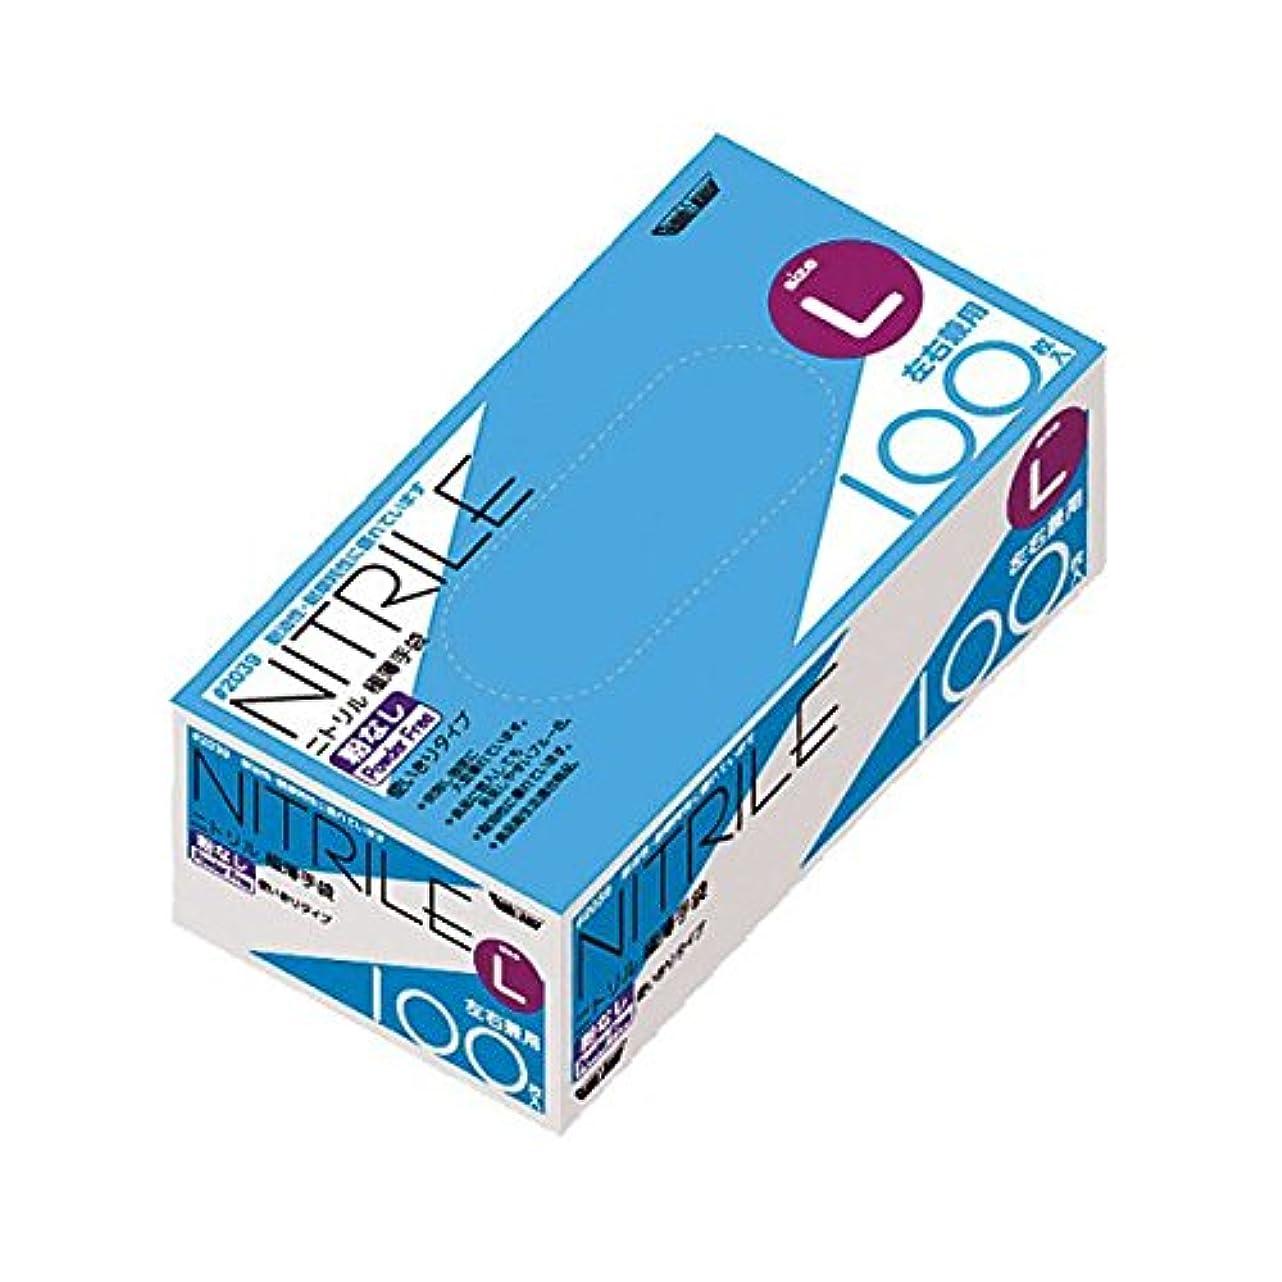 誘うアイロニースタイル(業務用20セット) 川西工業 ニトリル極薄手袋 粉なし BL #2039 Lサイズ ブルー ダイエット 健康 衛生用品 その他の衛生用品 14067381 [並行輸入品]